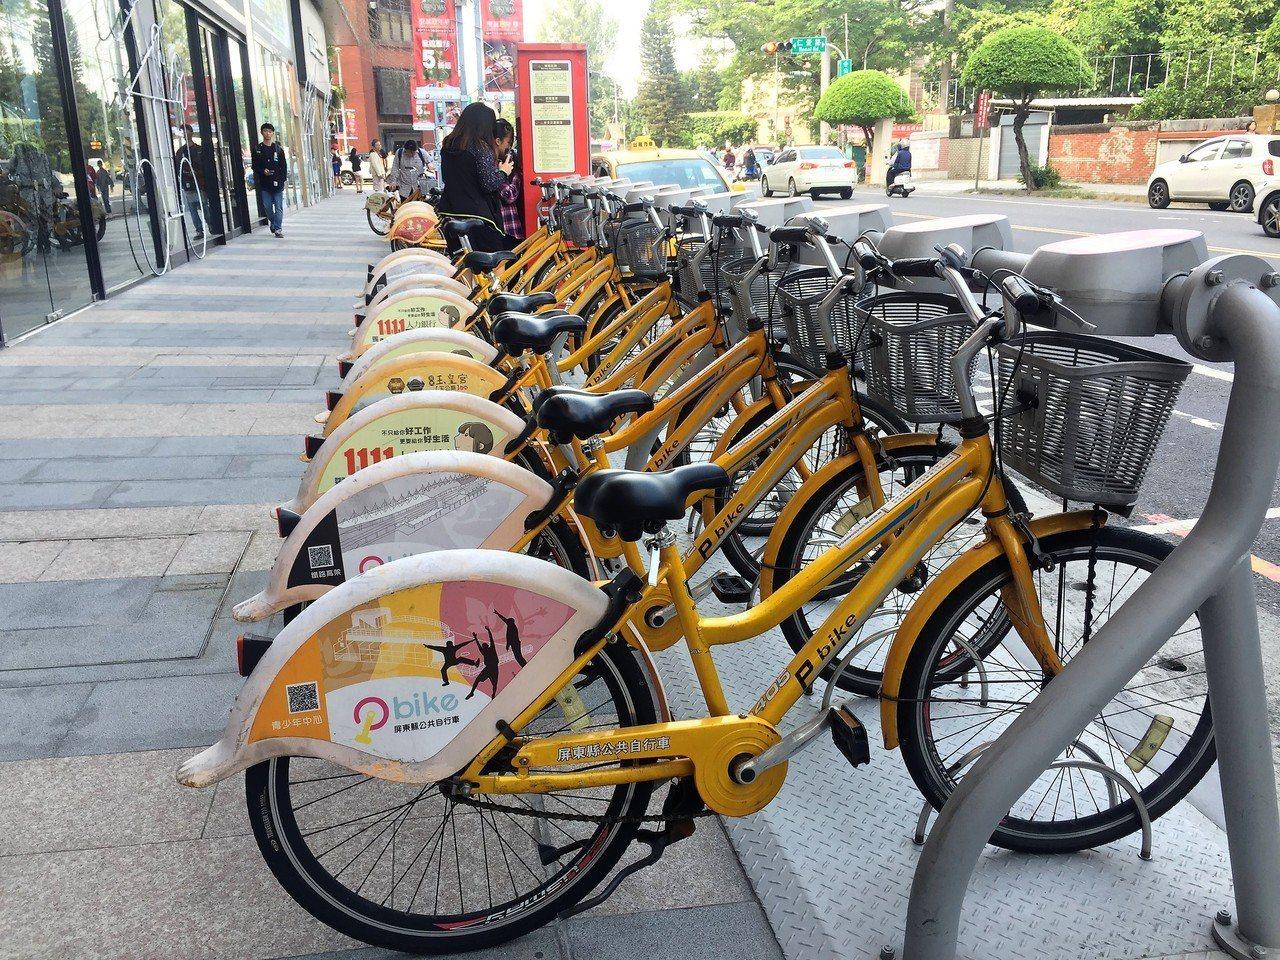 屏東Pbike營運3年多,騎乘人次至上月底止已達163萬5729人次。 記者翁禎...